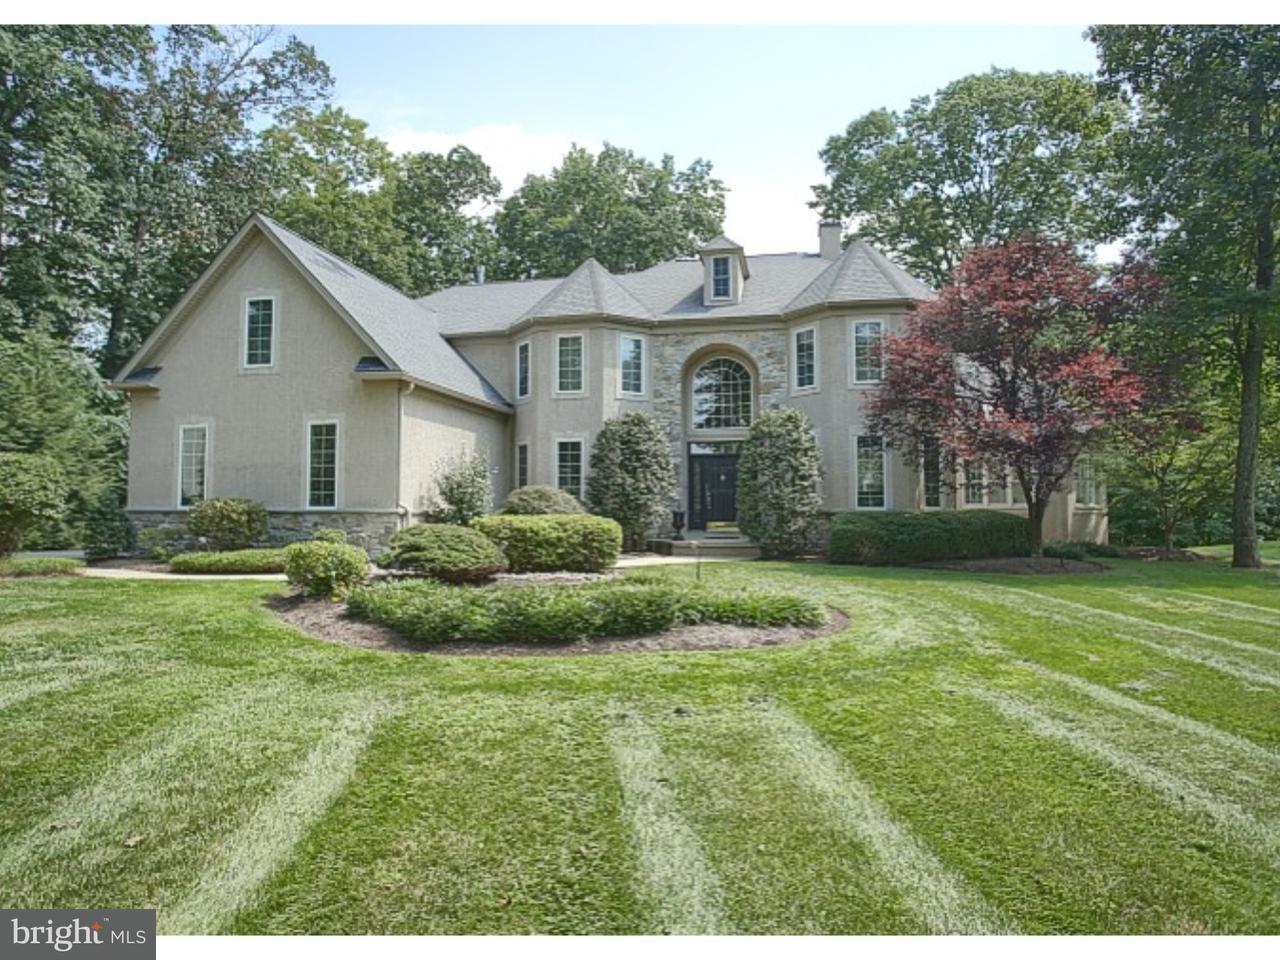 Maison unifamiliale pour l Vente à 13 BARLEY SHEAF Lane Schwenksville, Pennsylvanie 19473 États-Unis